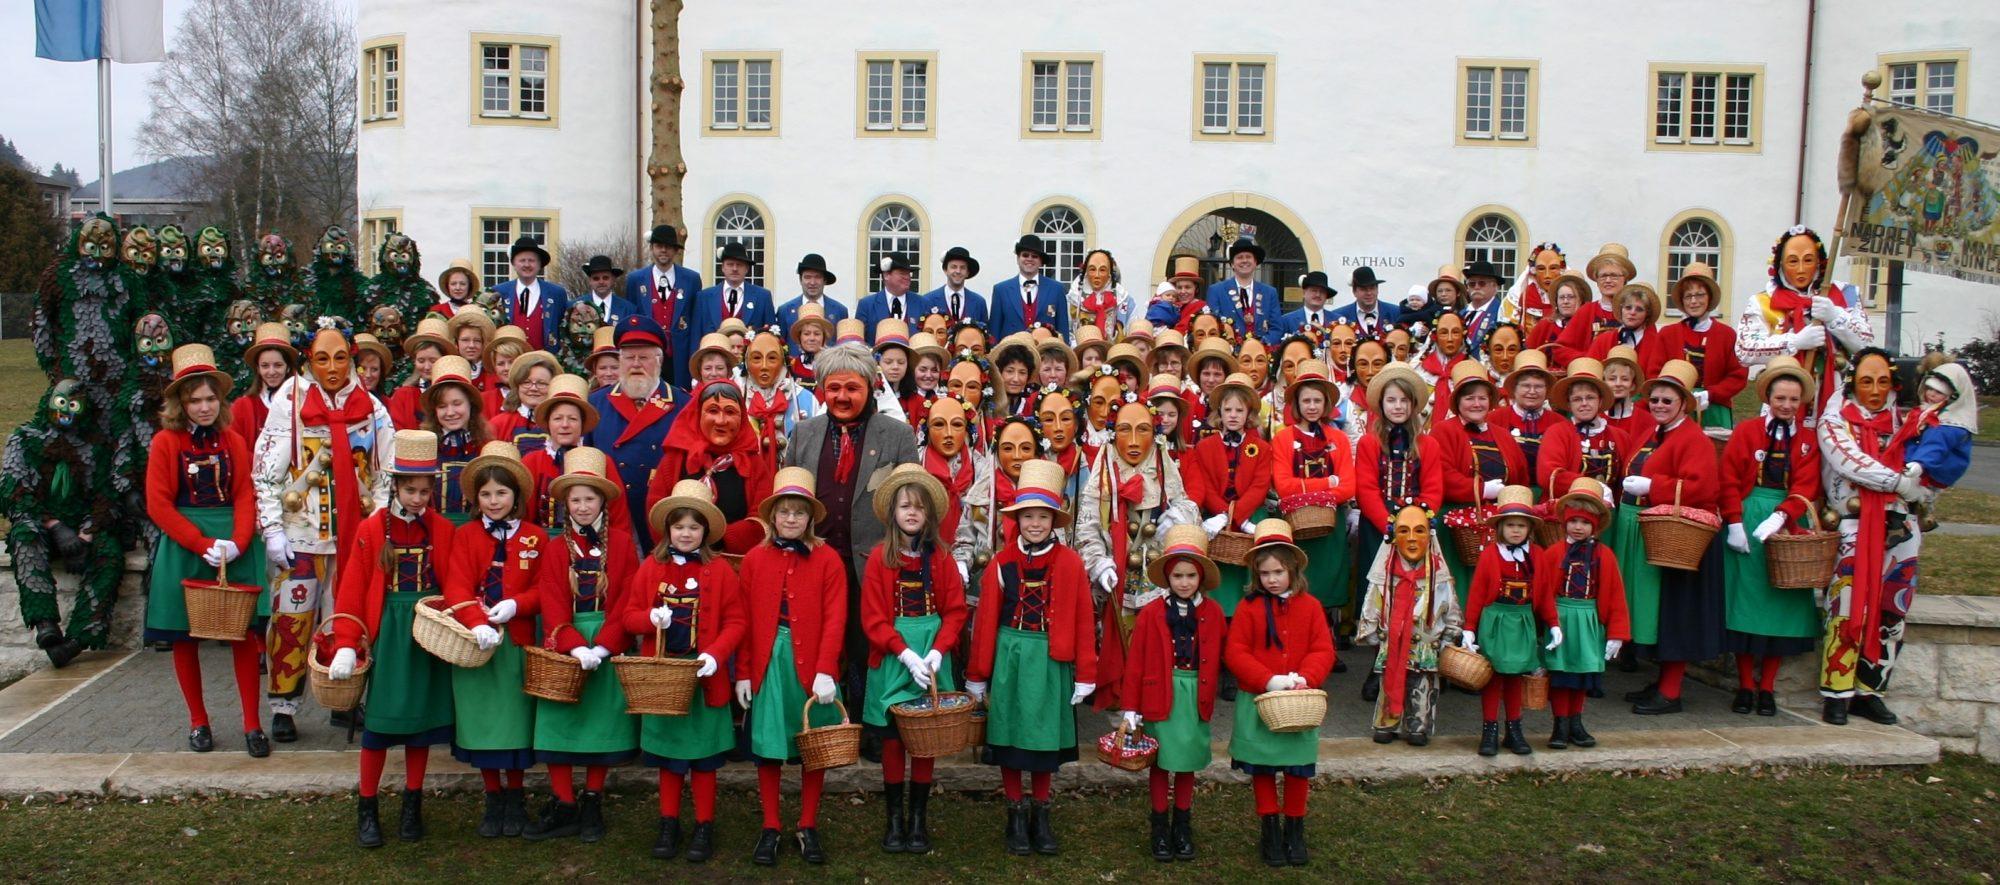 Narrenzunft Strumpfkugler Immendingen e.V.